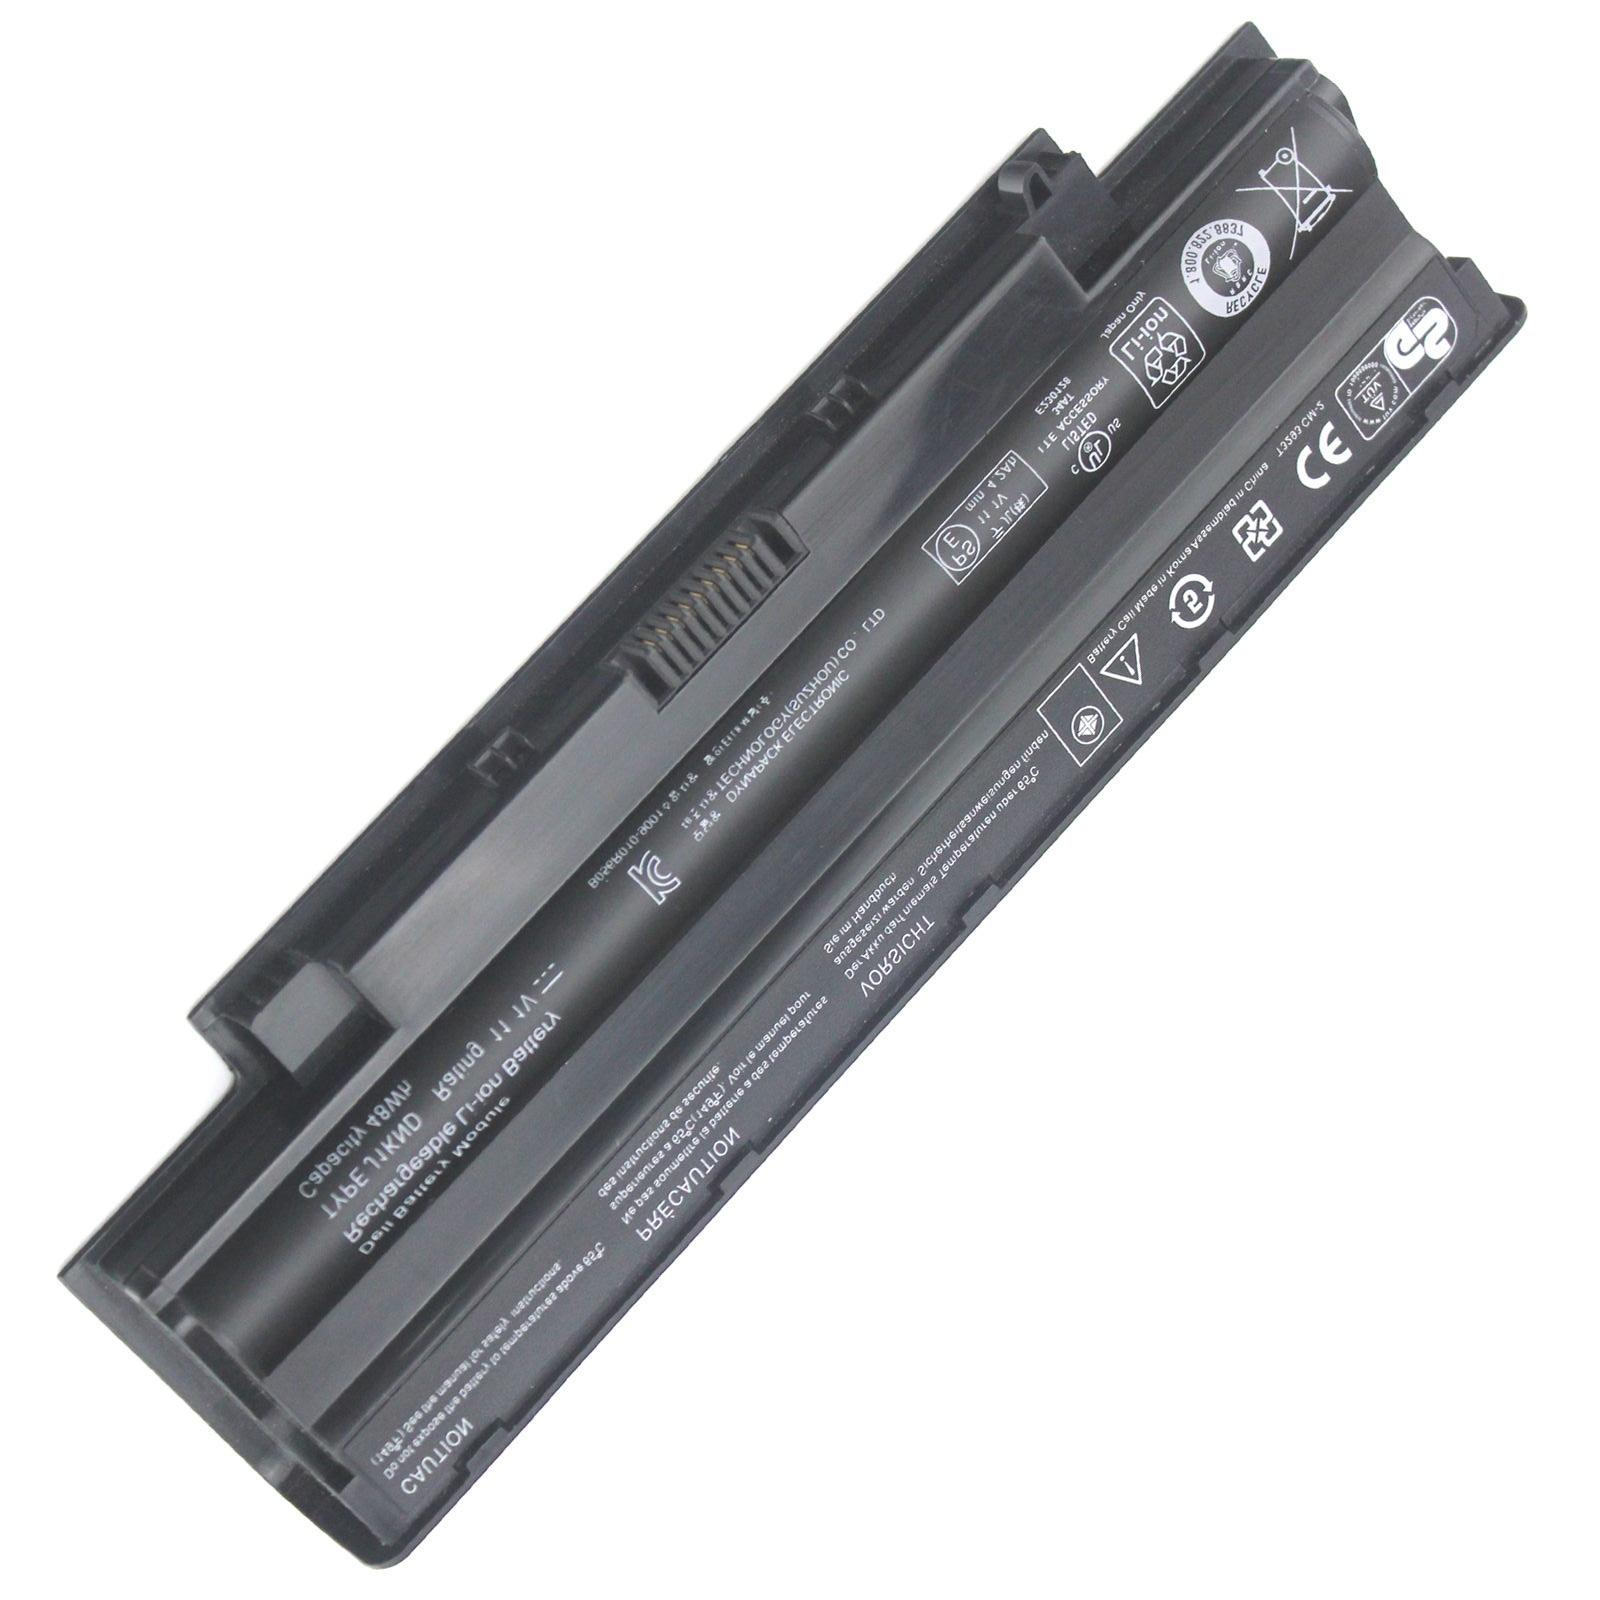 Bán pin laptop Dell Vostro 1450 giá rẻ tại Hà Nội